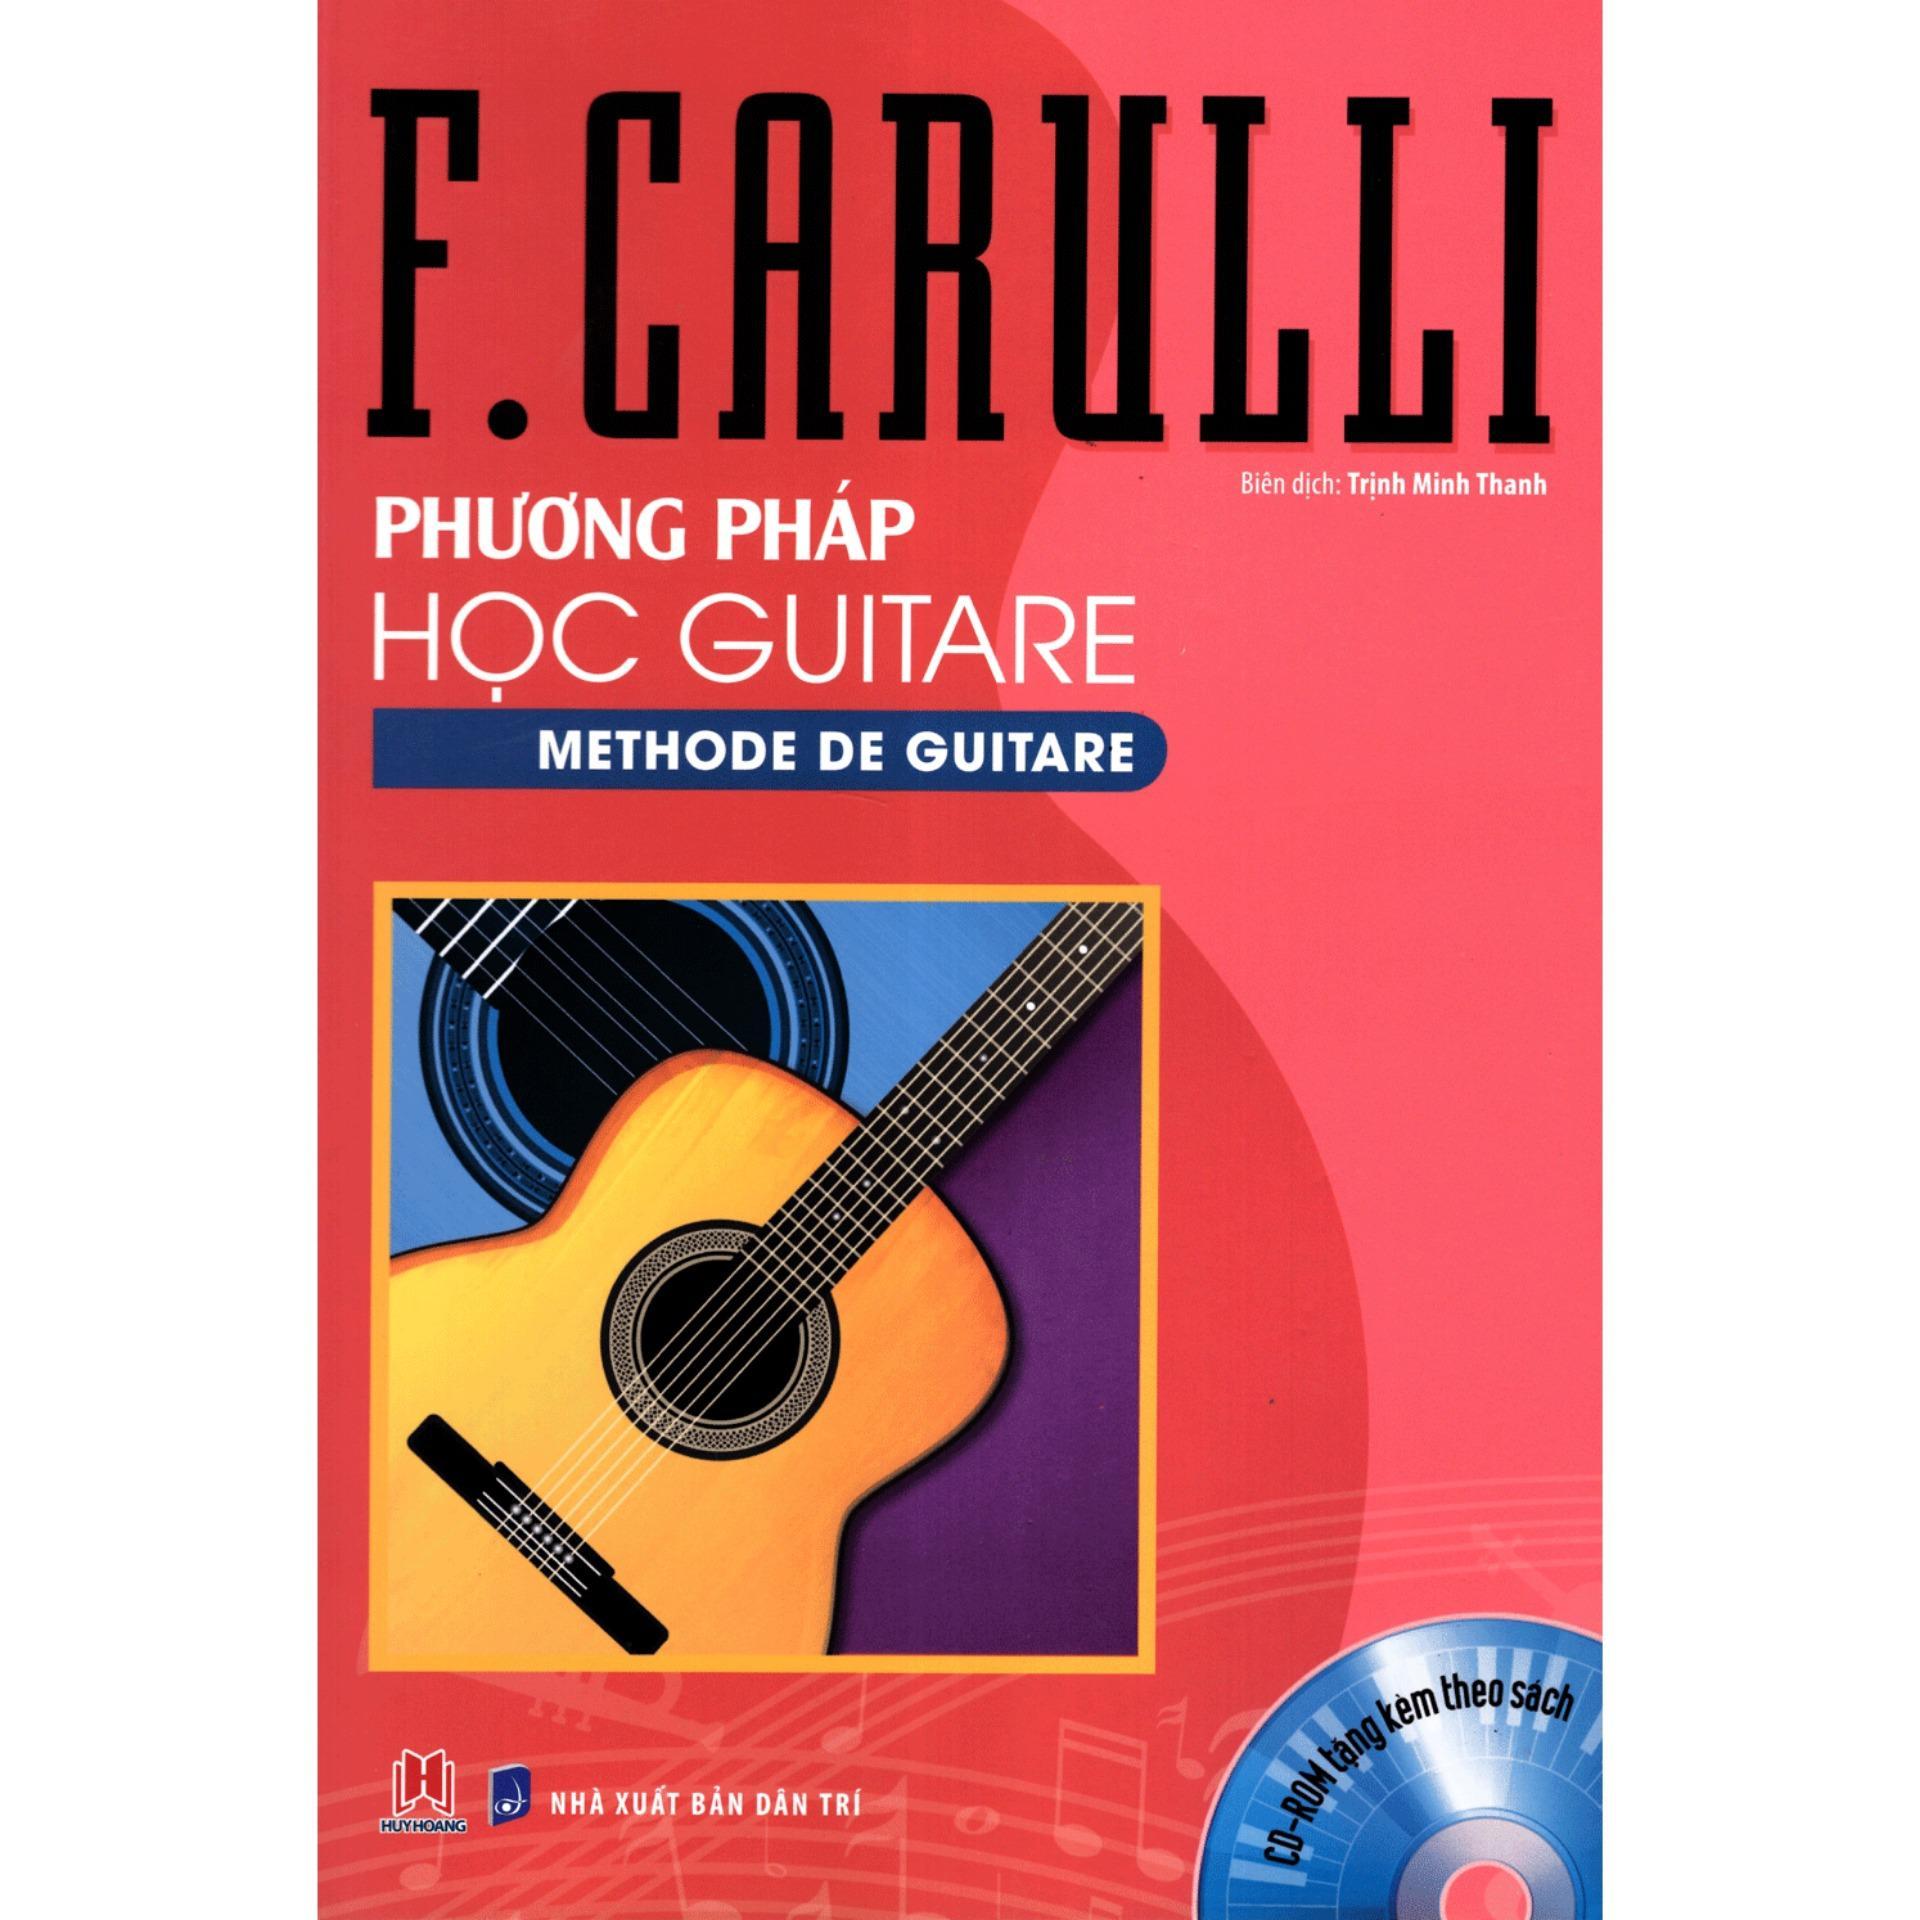 Mua PHƯƠNG PHÁP HỌC ĐÀN GUITAR F. CARULLI